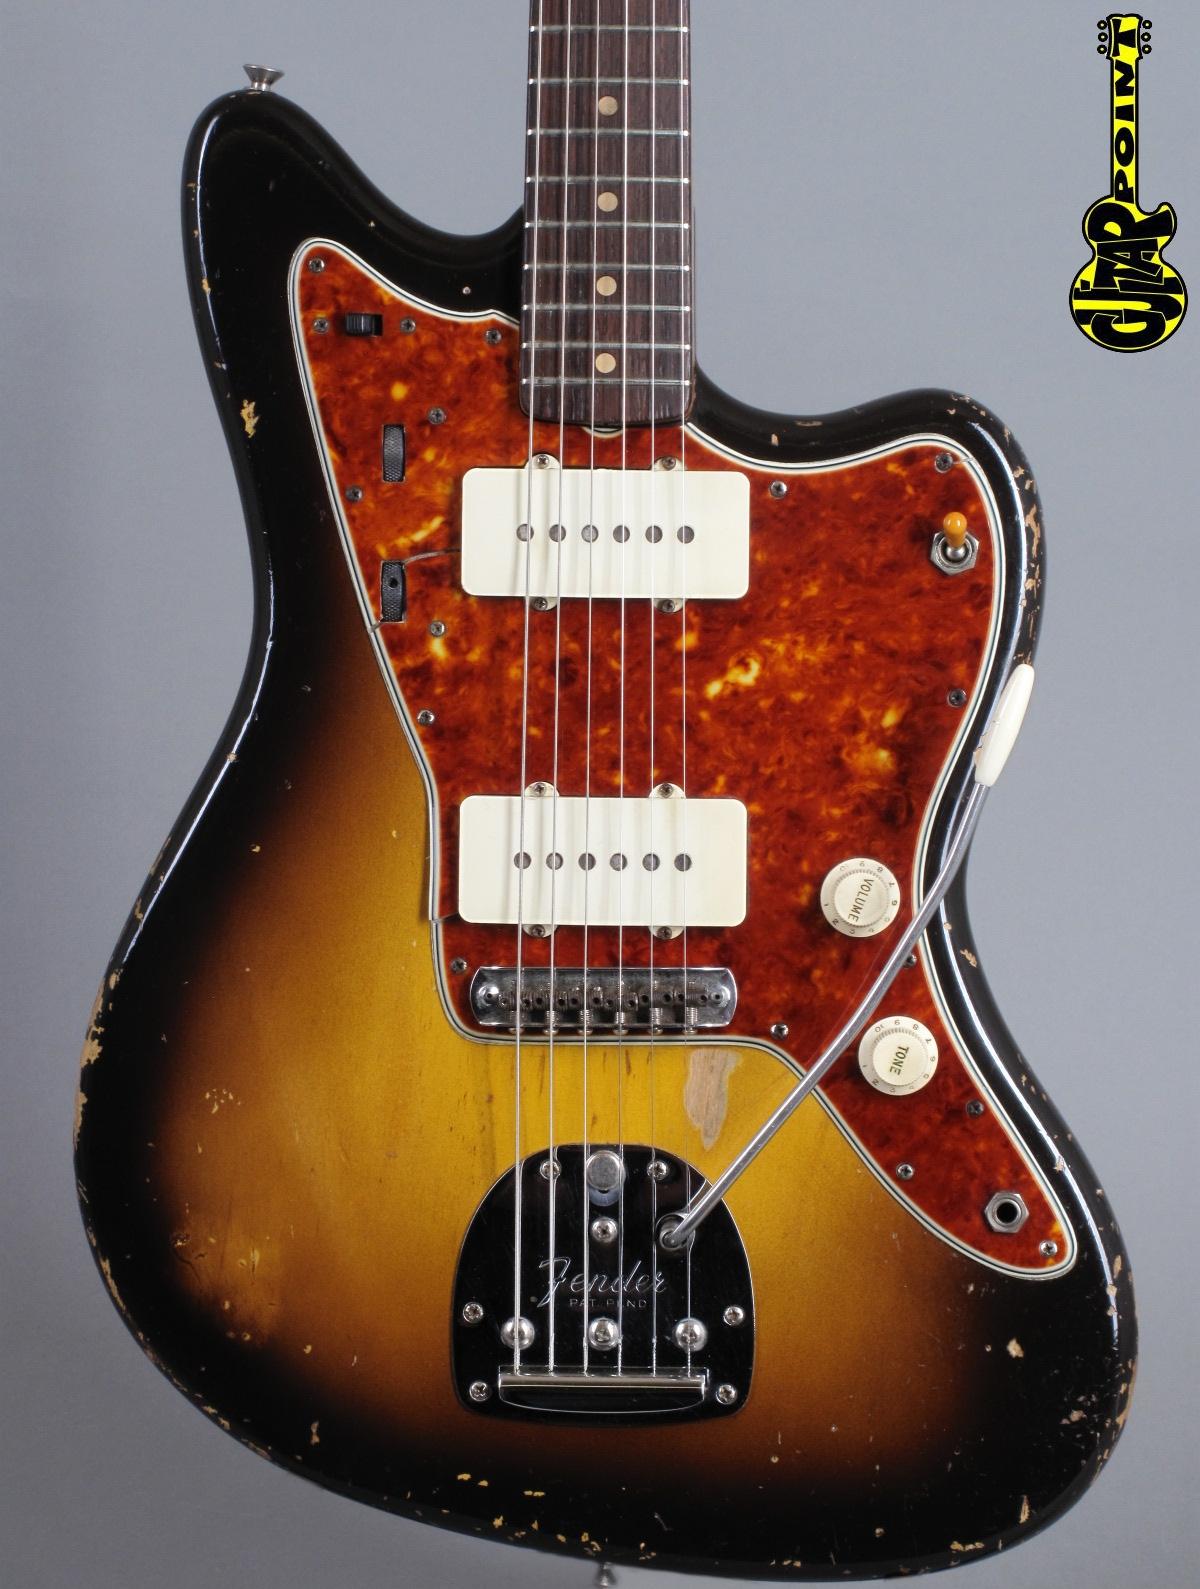 1960 Fender Jazzmaster - 3-tone Sunburst